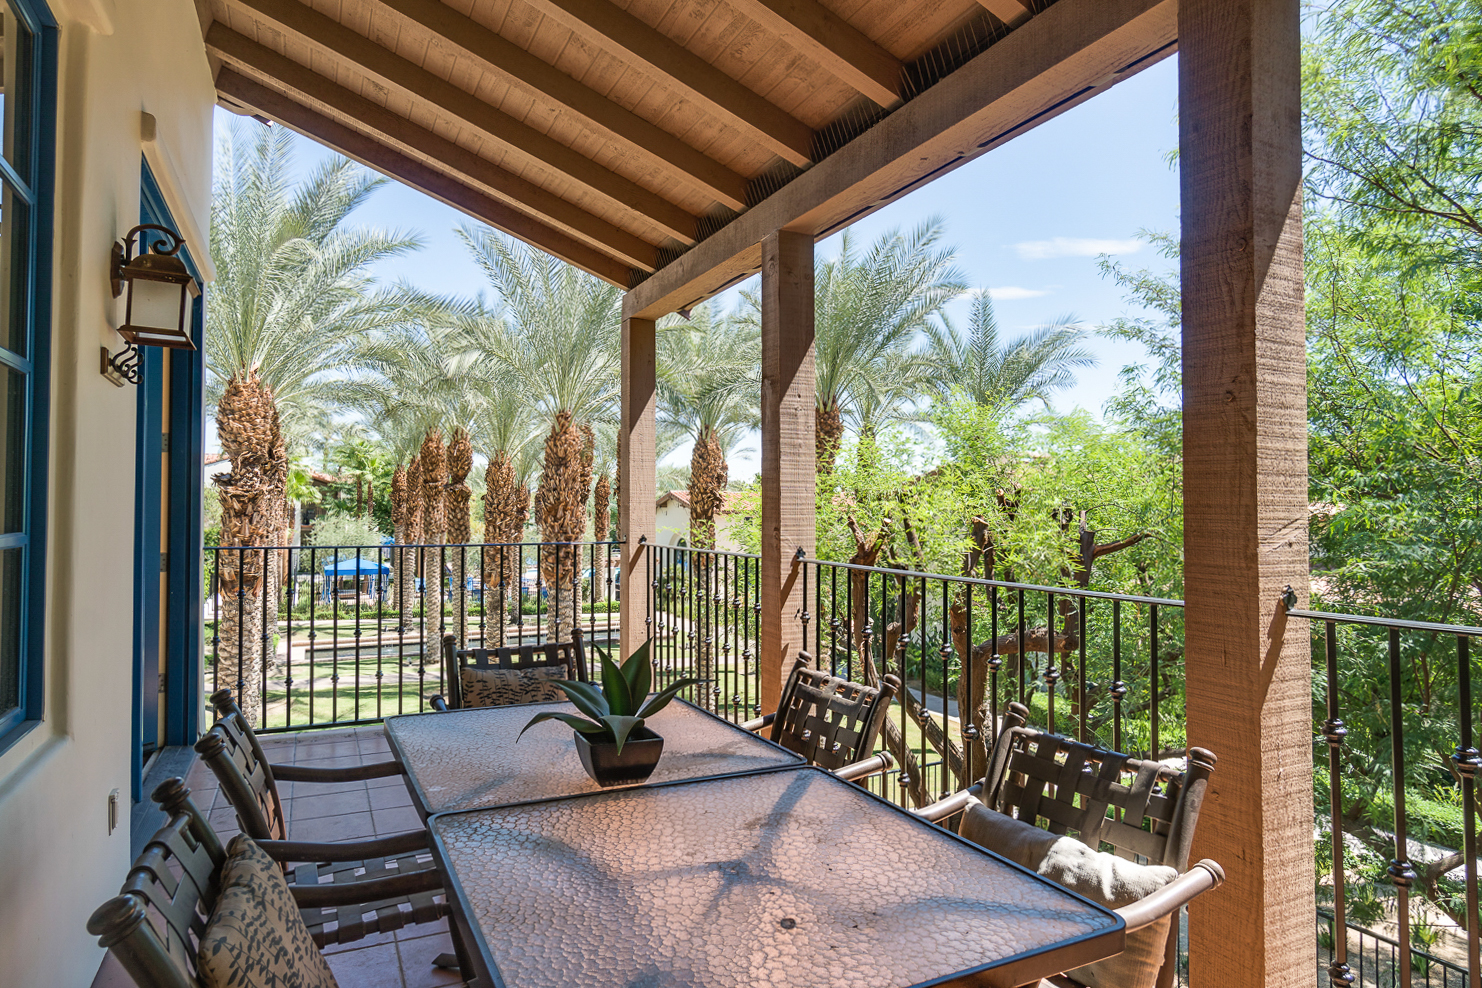 La Quinta CA Vacation Rental Welcome to La